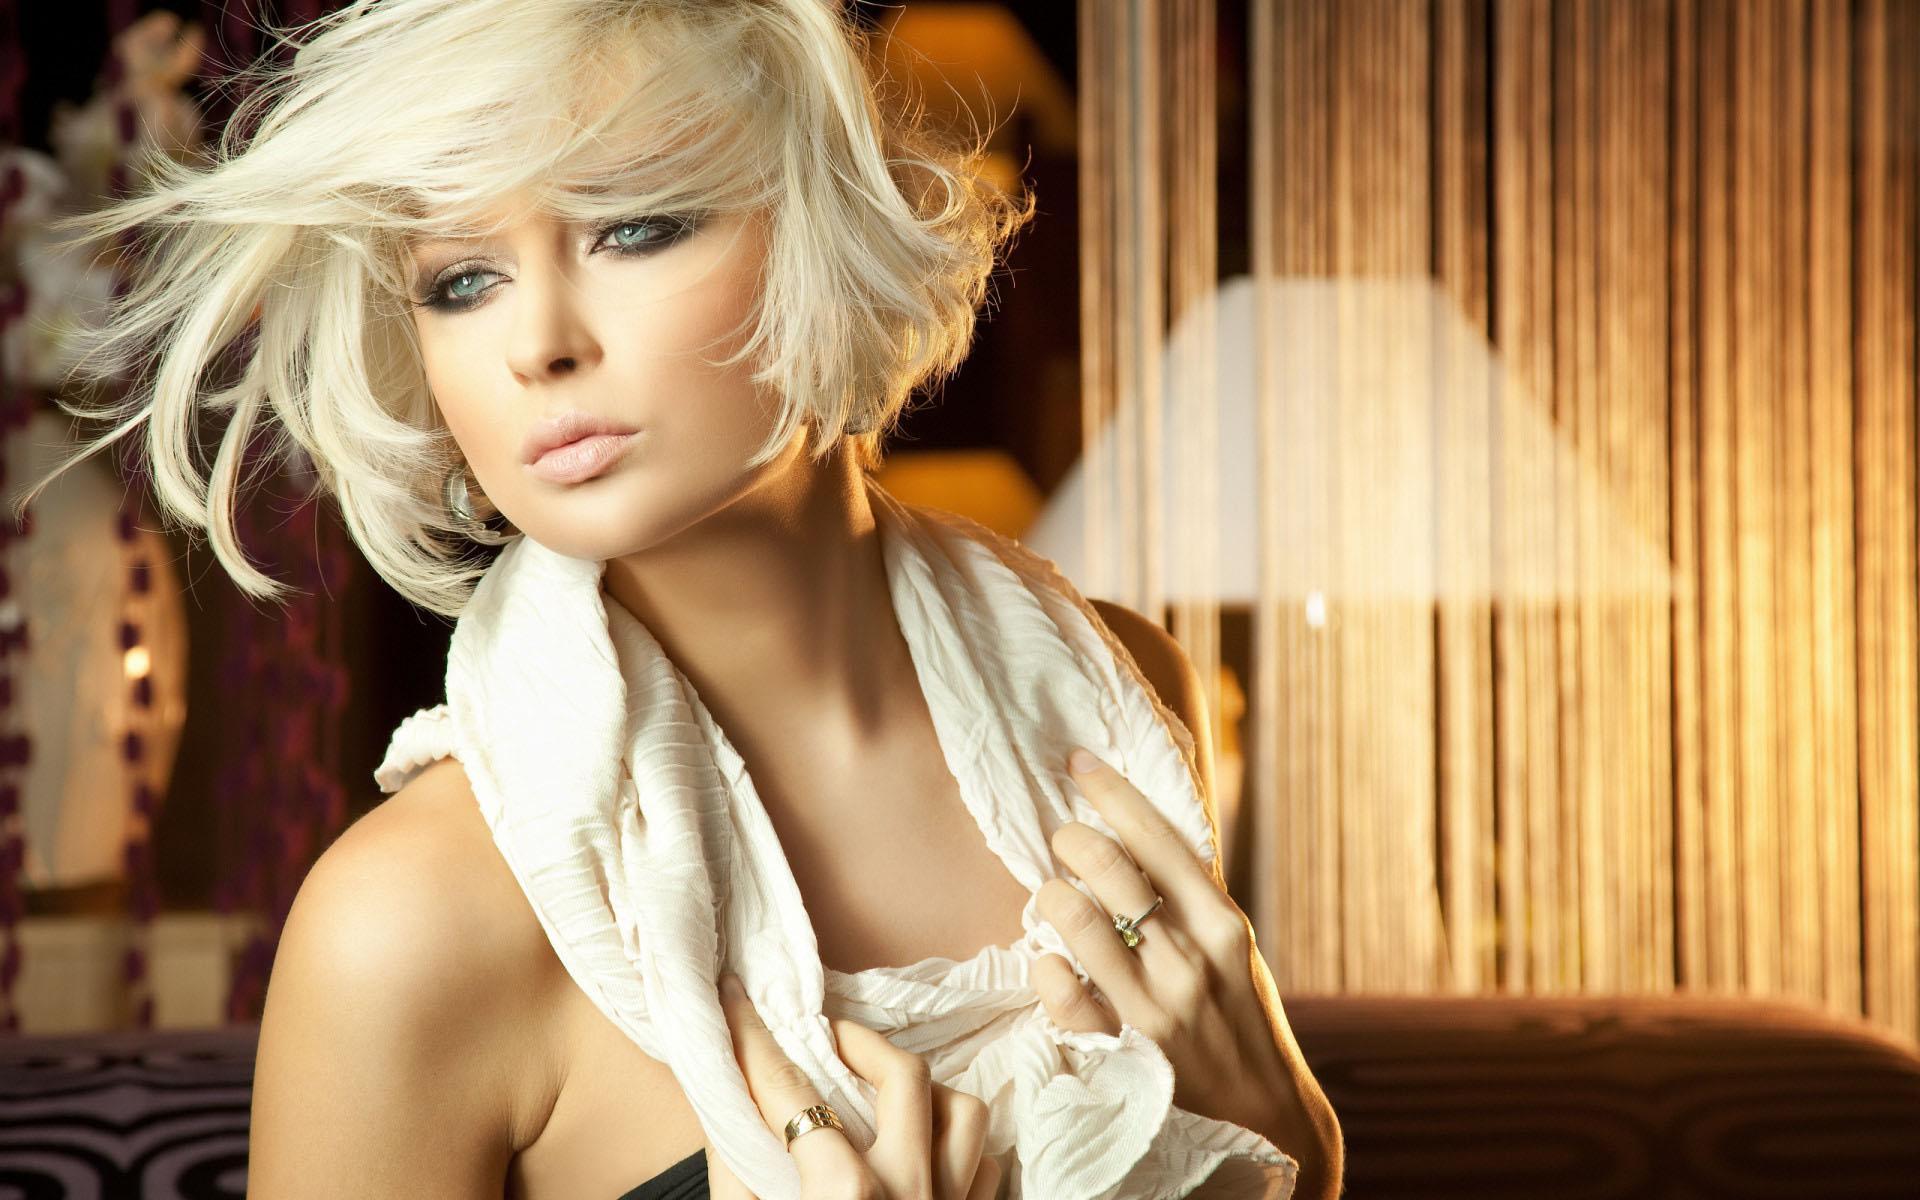 fond-ecran-filles-blondes_15